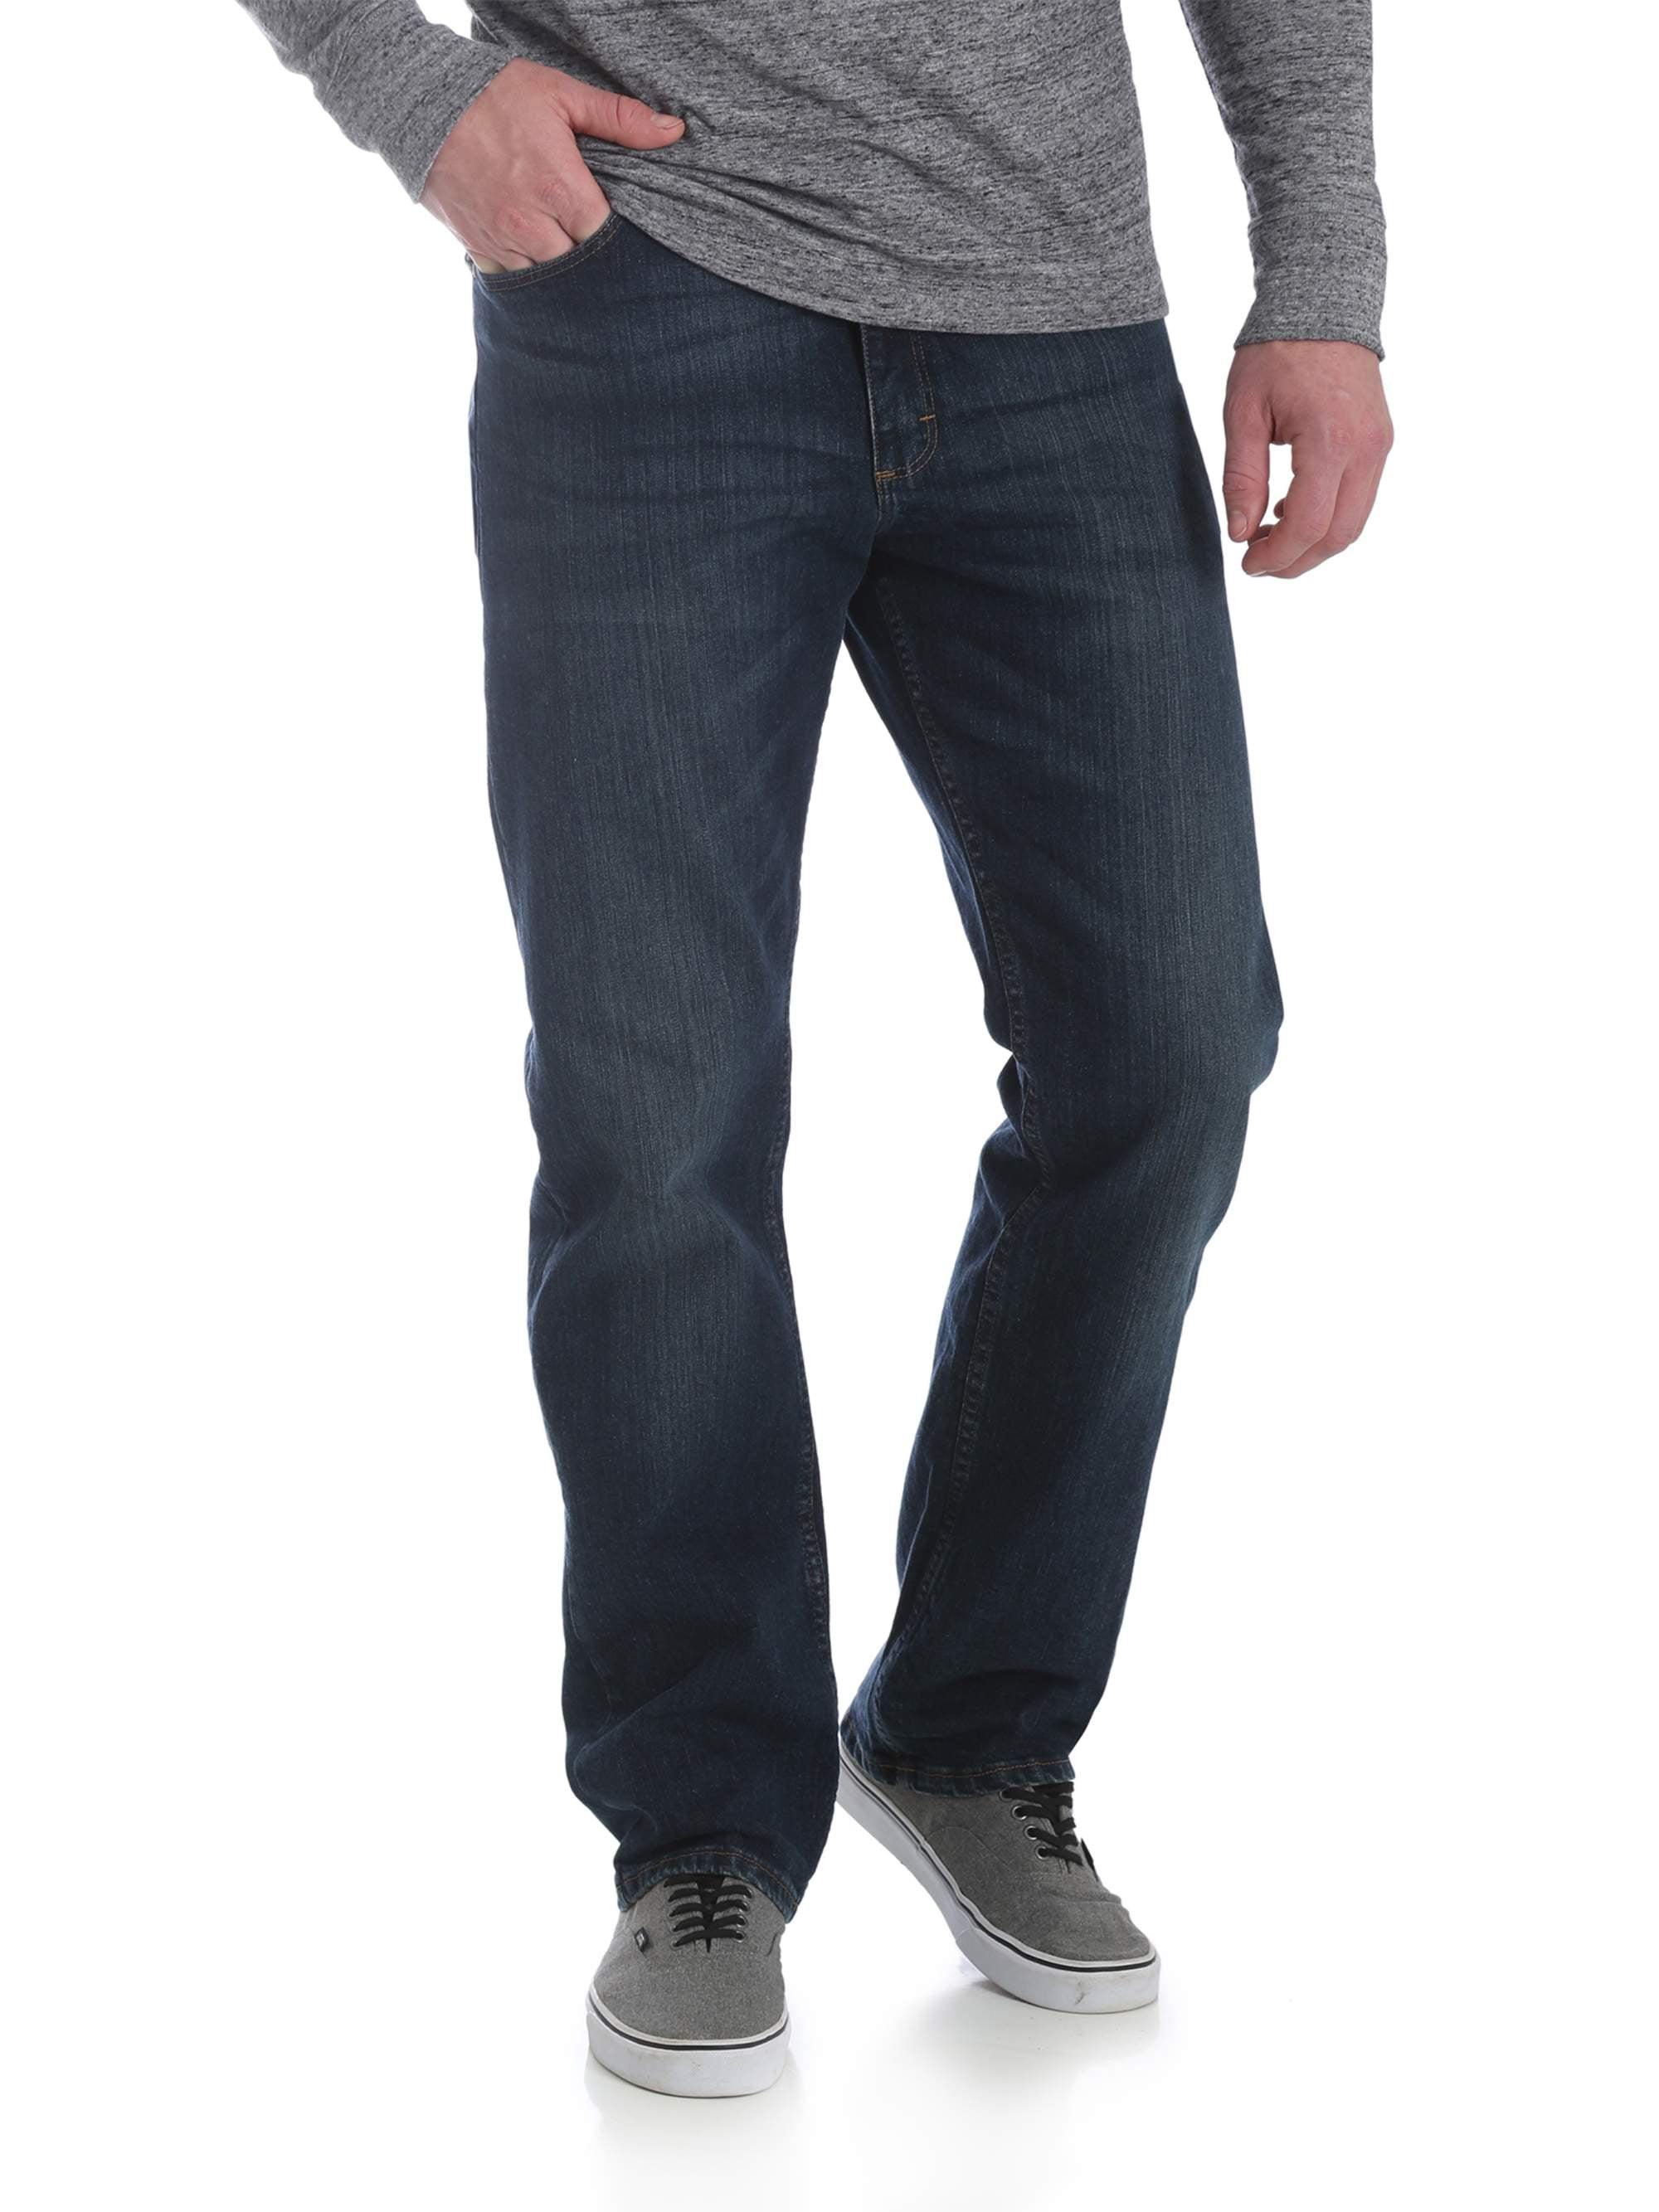 5a60a32f Clothing | Walmart.com